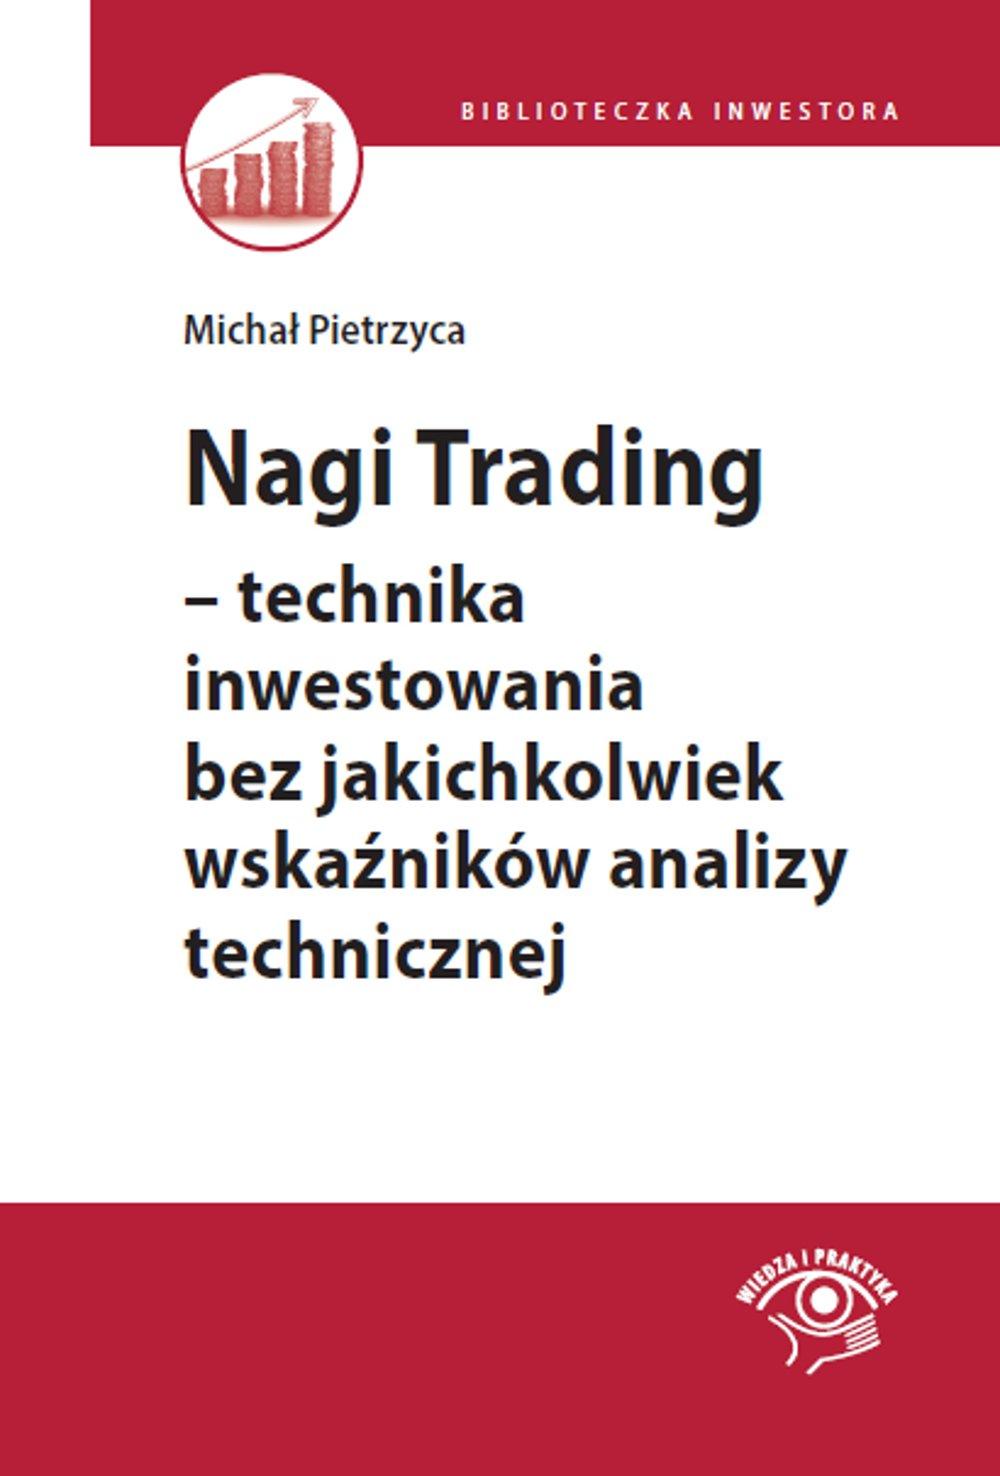 Nagi Trading - technika inwestowania bez jakichkolwiek wskaźników analizy technicznej - Ebook (Książka na Kindle) do pobrania w formacie MOBI